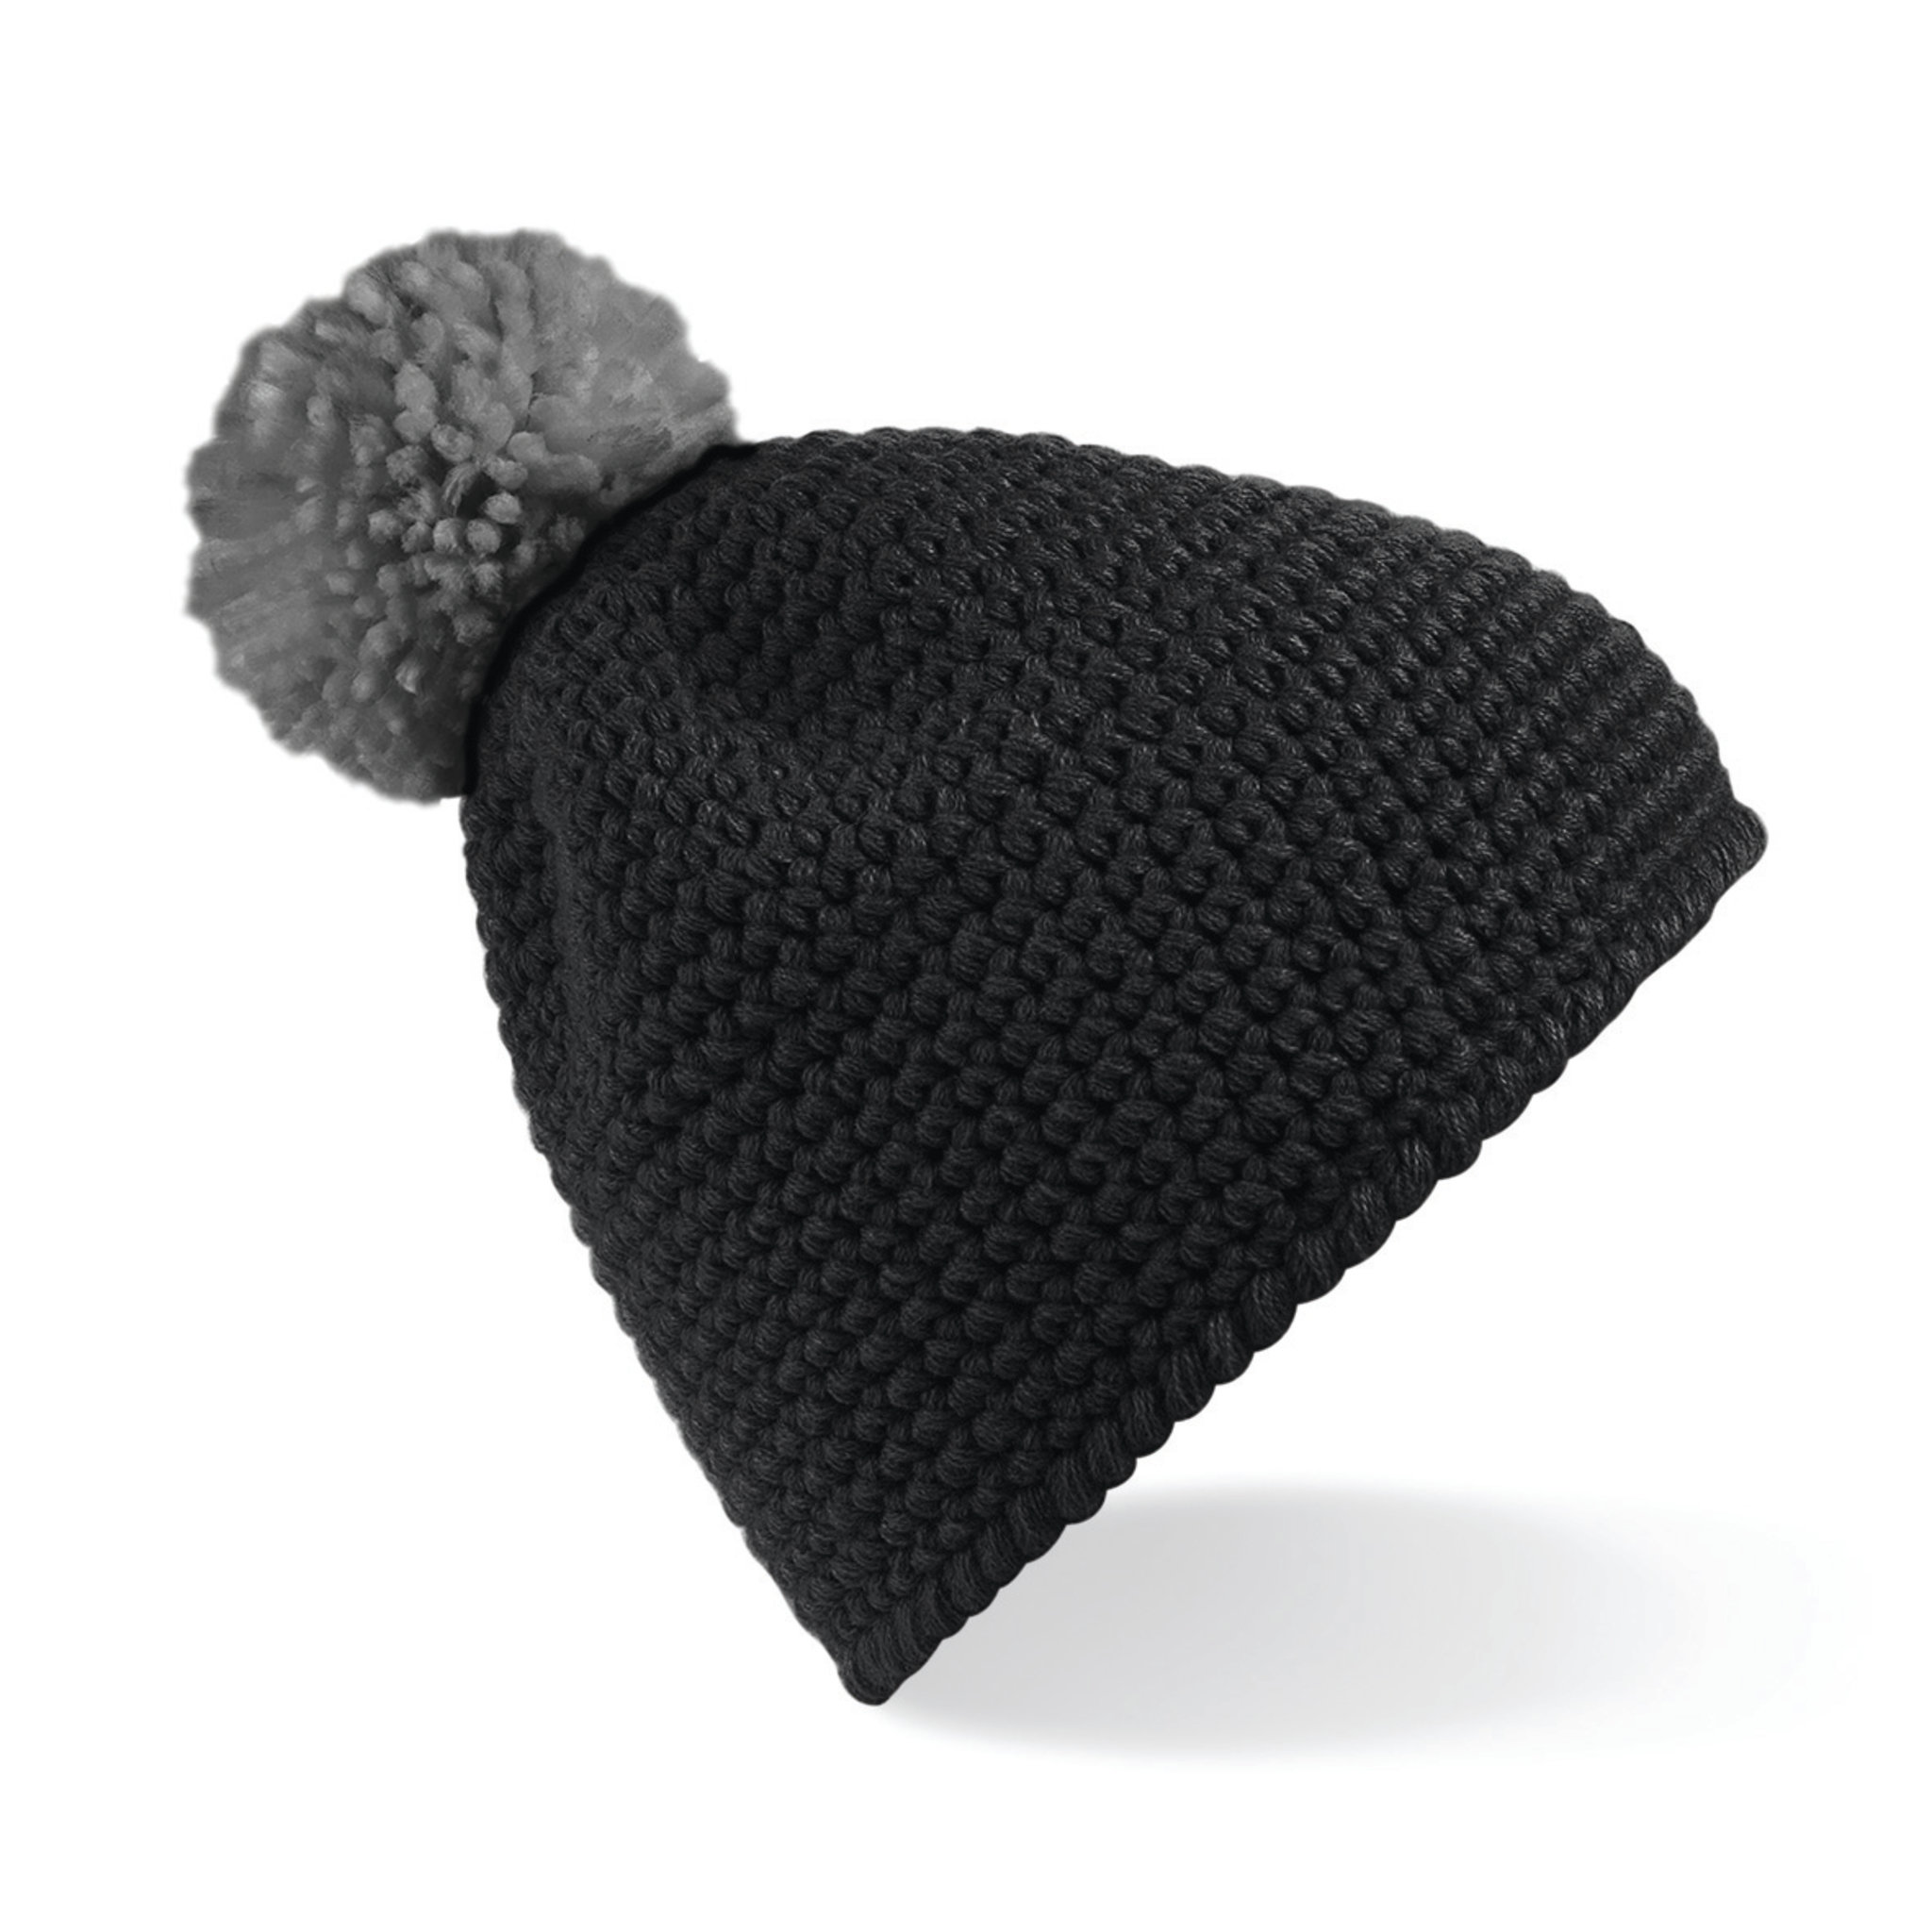 Bonnet publicitaire Waffle - bonnet promotionnel noir/gris